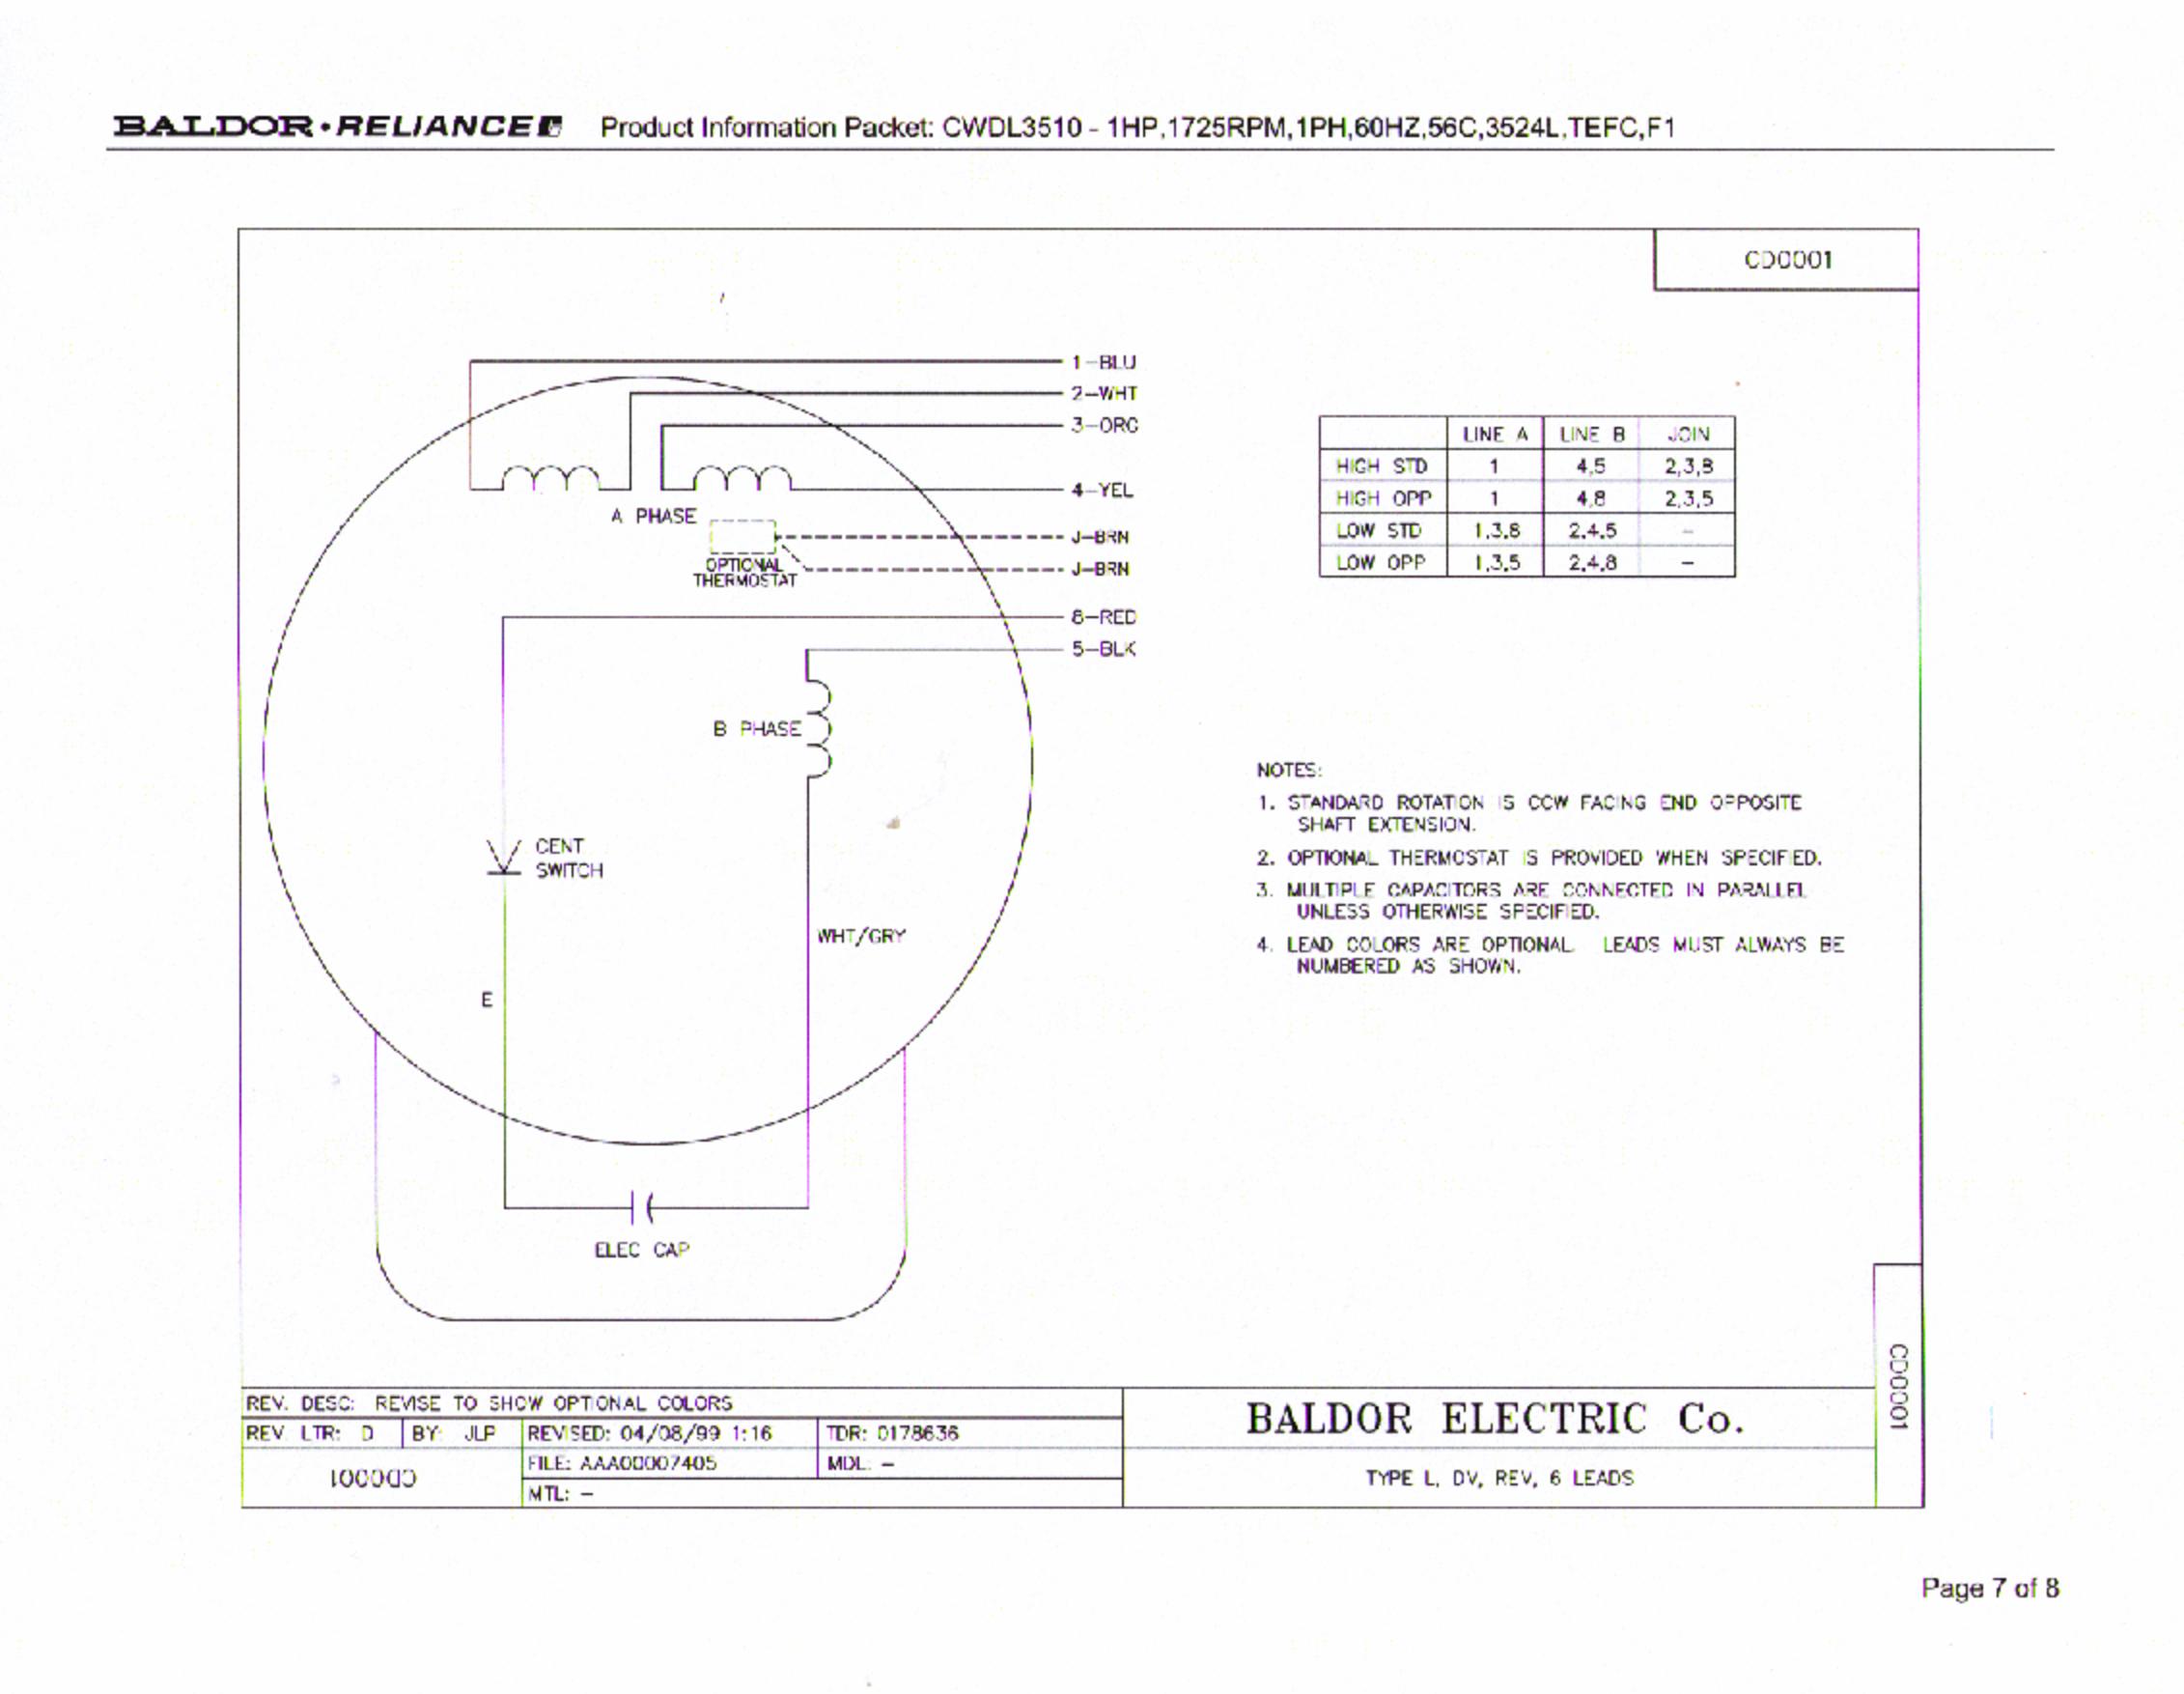 smc wiring diagram, sew eurodrive wiring diagram, atlas wiring diagram, toshiba wiring diagram, demag wiring diagram, taylor wiring diagram, abb wiring diagram, panasonic wiring diagram, a.o. smith wiring diagram, becker wiring diagram, viking wiring diagram, ingersoll rand wiring diagram, clark wiring diagram, norton wiring diagram, rockwell wiring diagram, yaskawa wiring diagram, sullair wiring diagram, balluff wiring diagram, devilbiss wiring diagram, little giant wiring diagram, on baldor l1408t wiring diagram